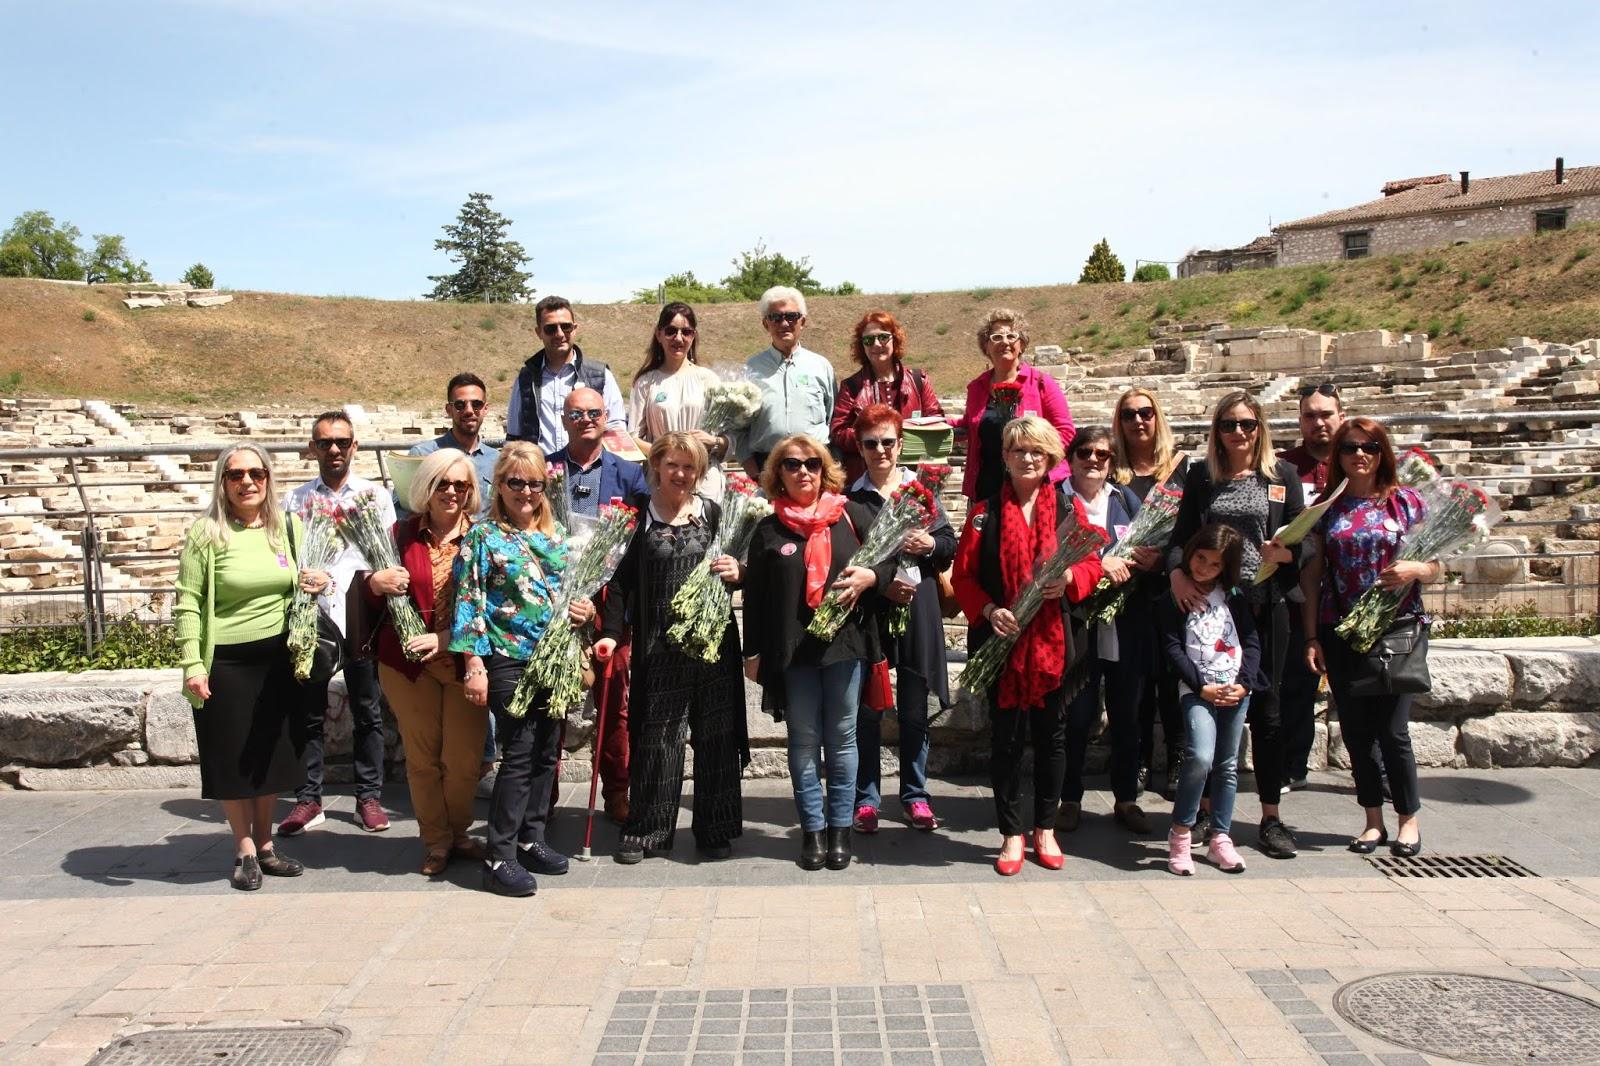 Με ένα λουλούδι εύχονται στις μητέρες υποψήφιοι της «Συμπαράταξης» στη Λάρισα